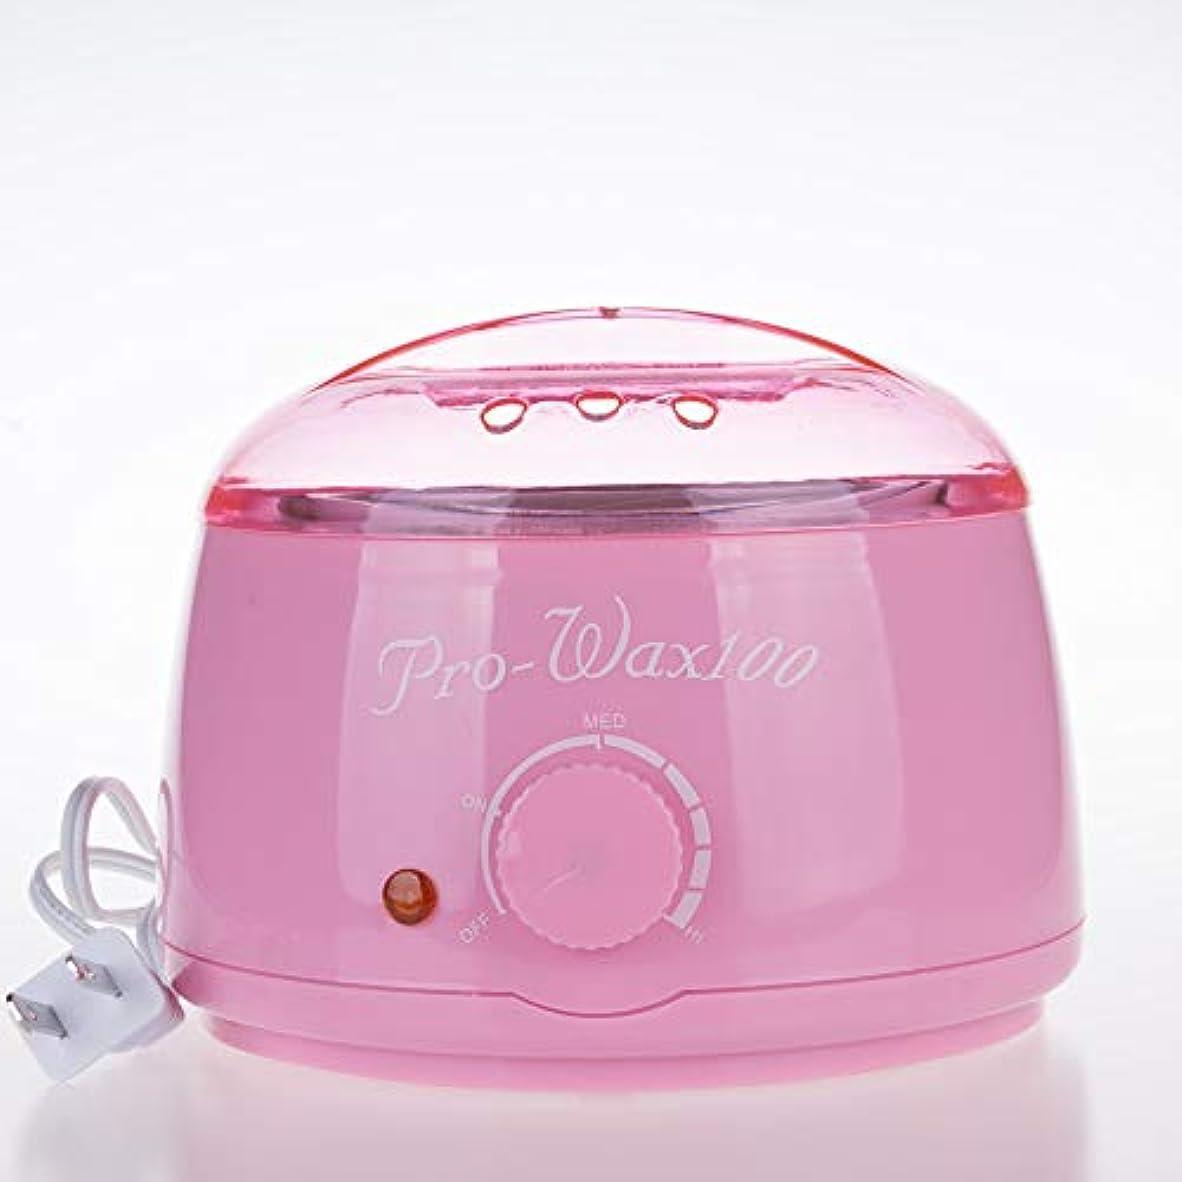 縫うオペレーター一次ワックスウォーマー、フェイシャル&ビキニエリア&脇の下用ポータブル電気脱毛キット-温かい電気ワックスヒーター、美容用ワックス、,ピンク